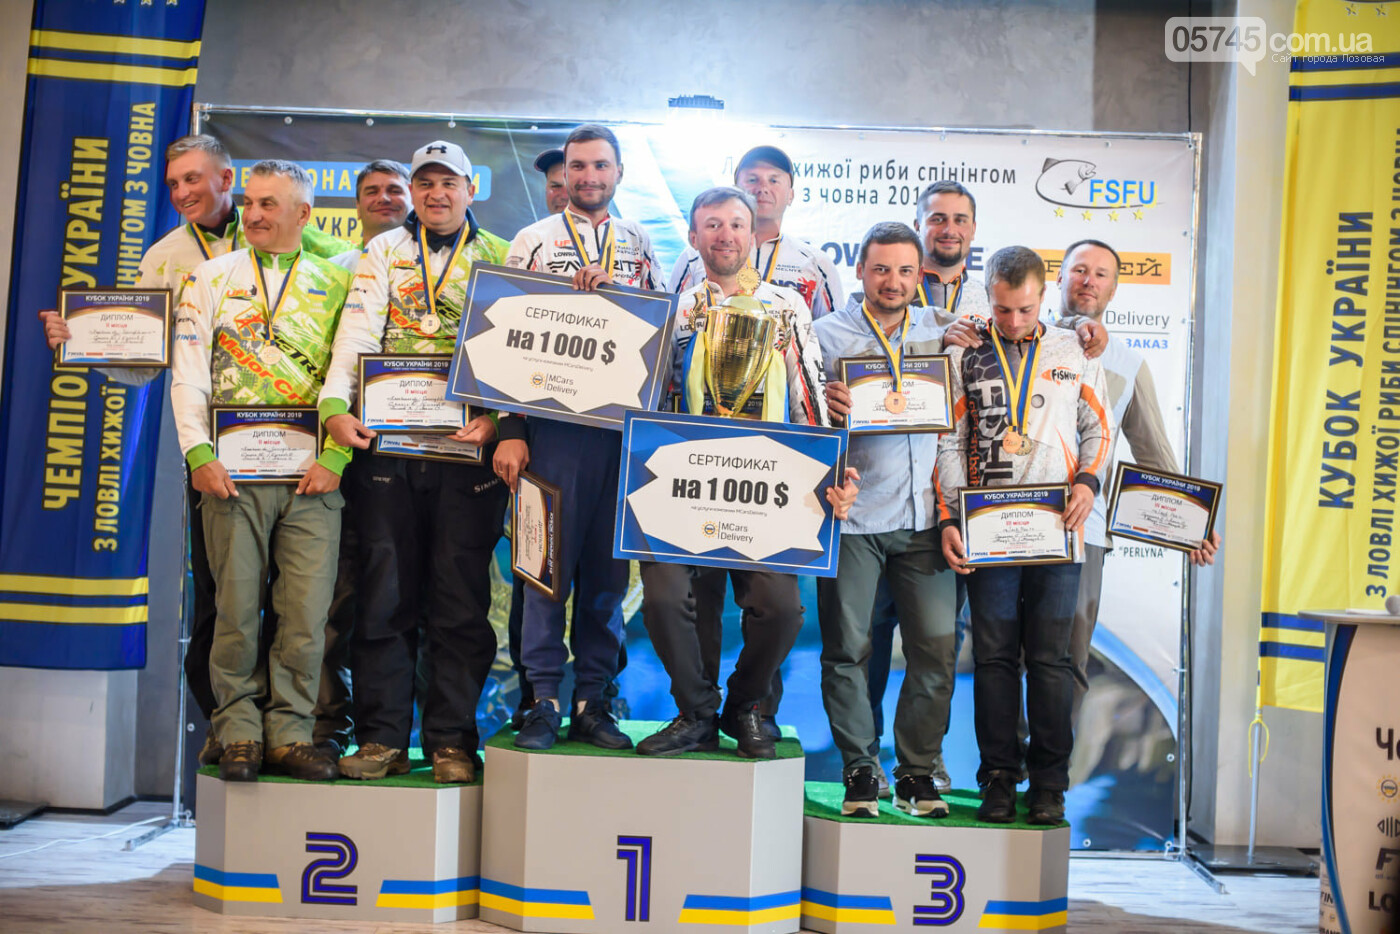 Рыболовы-спортсмены Лозовой заняли призовое место на Кубке Украины по ловле хищной рыбы, фото-3